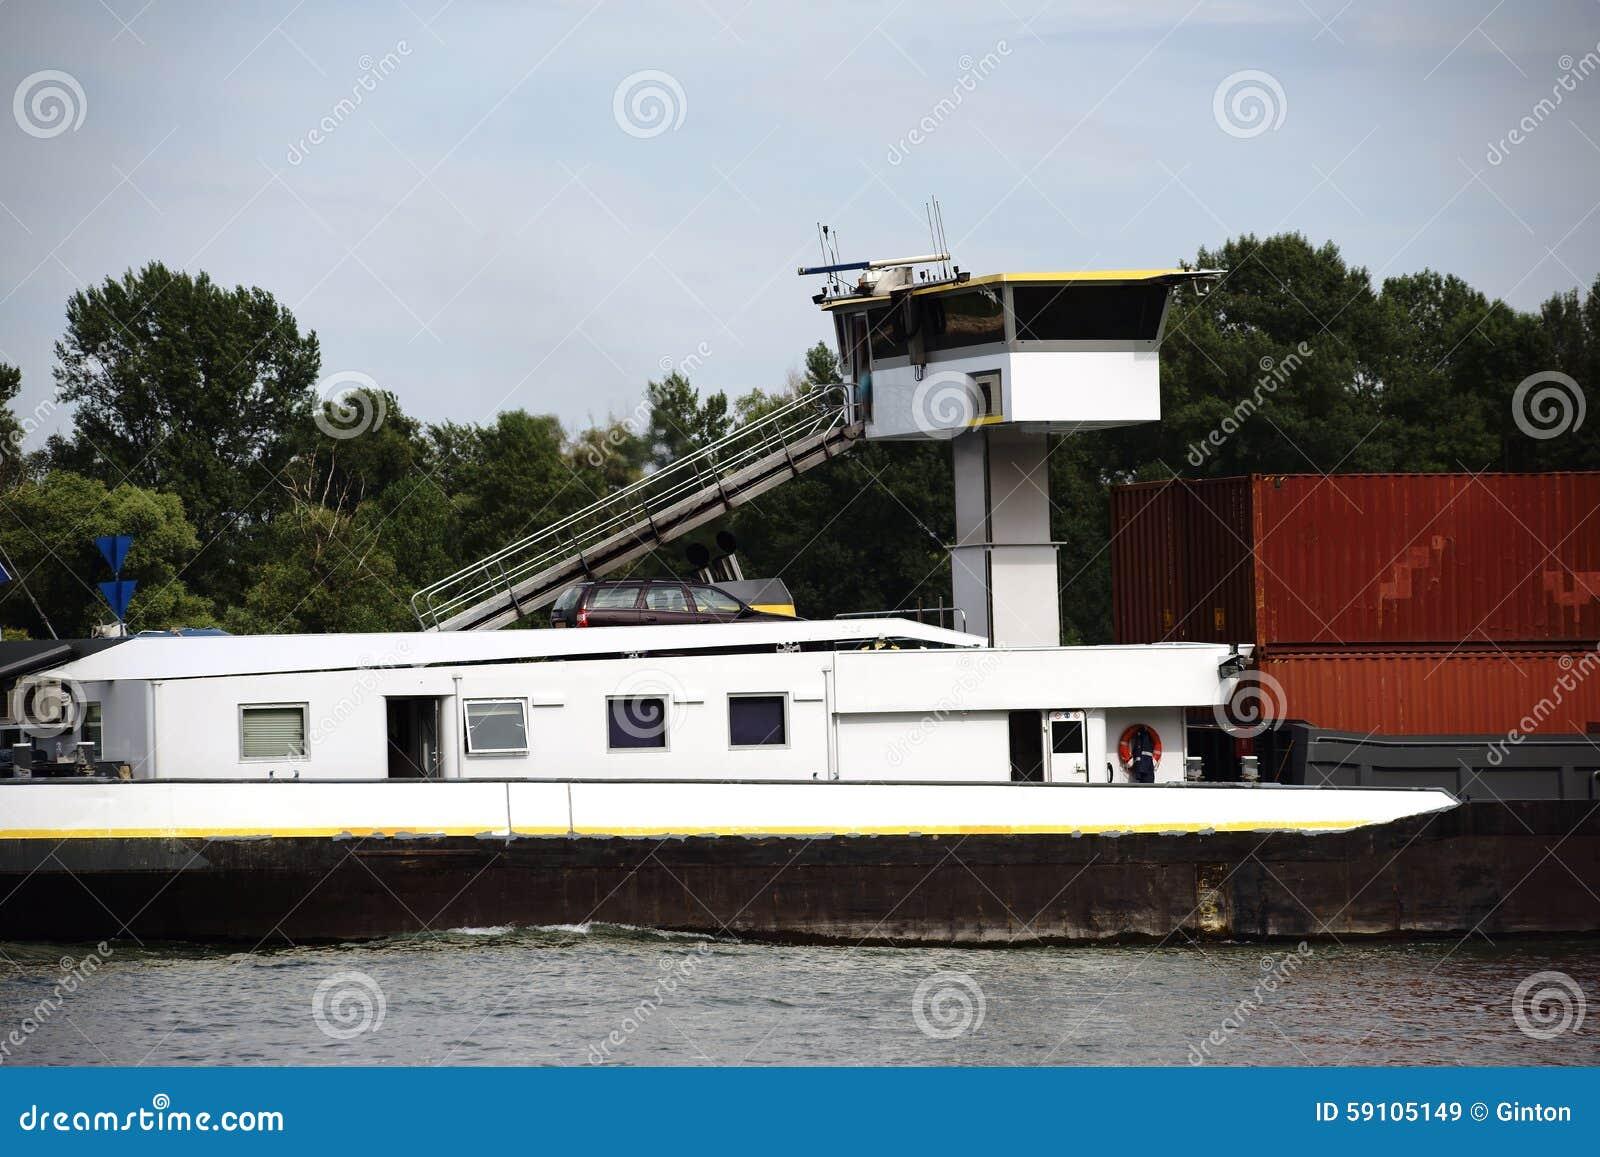 国内水路运输